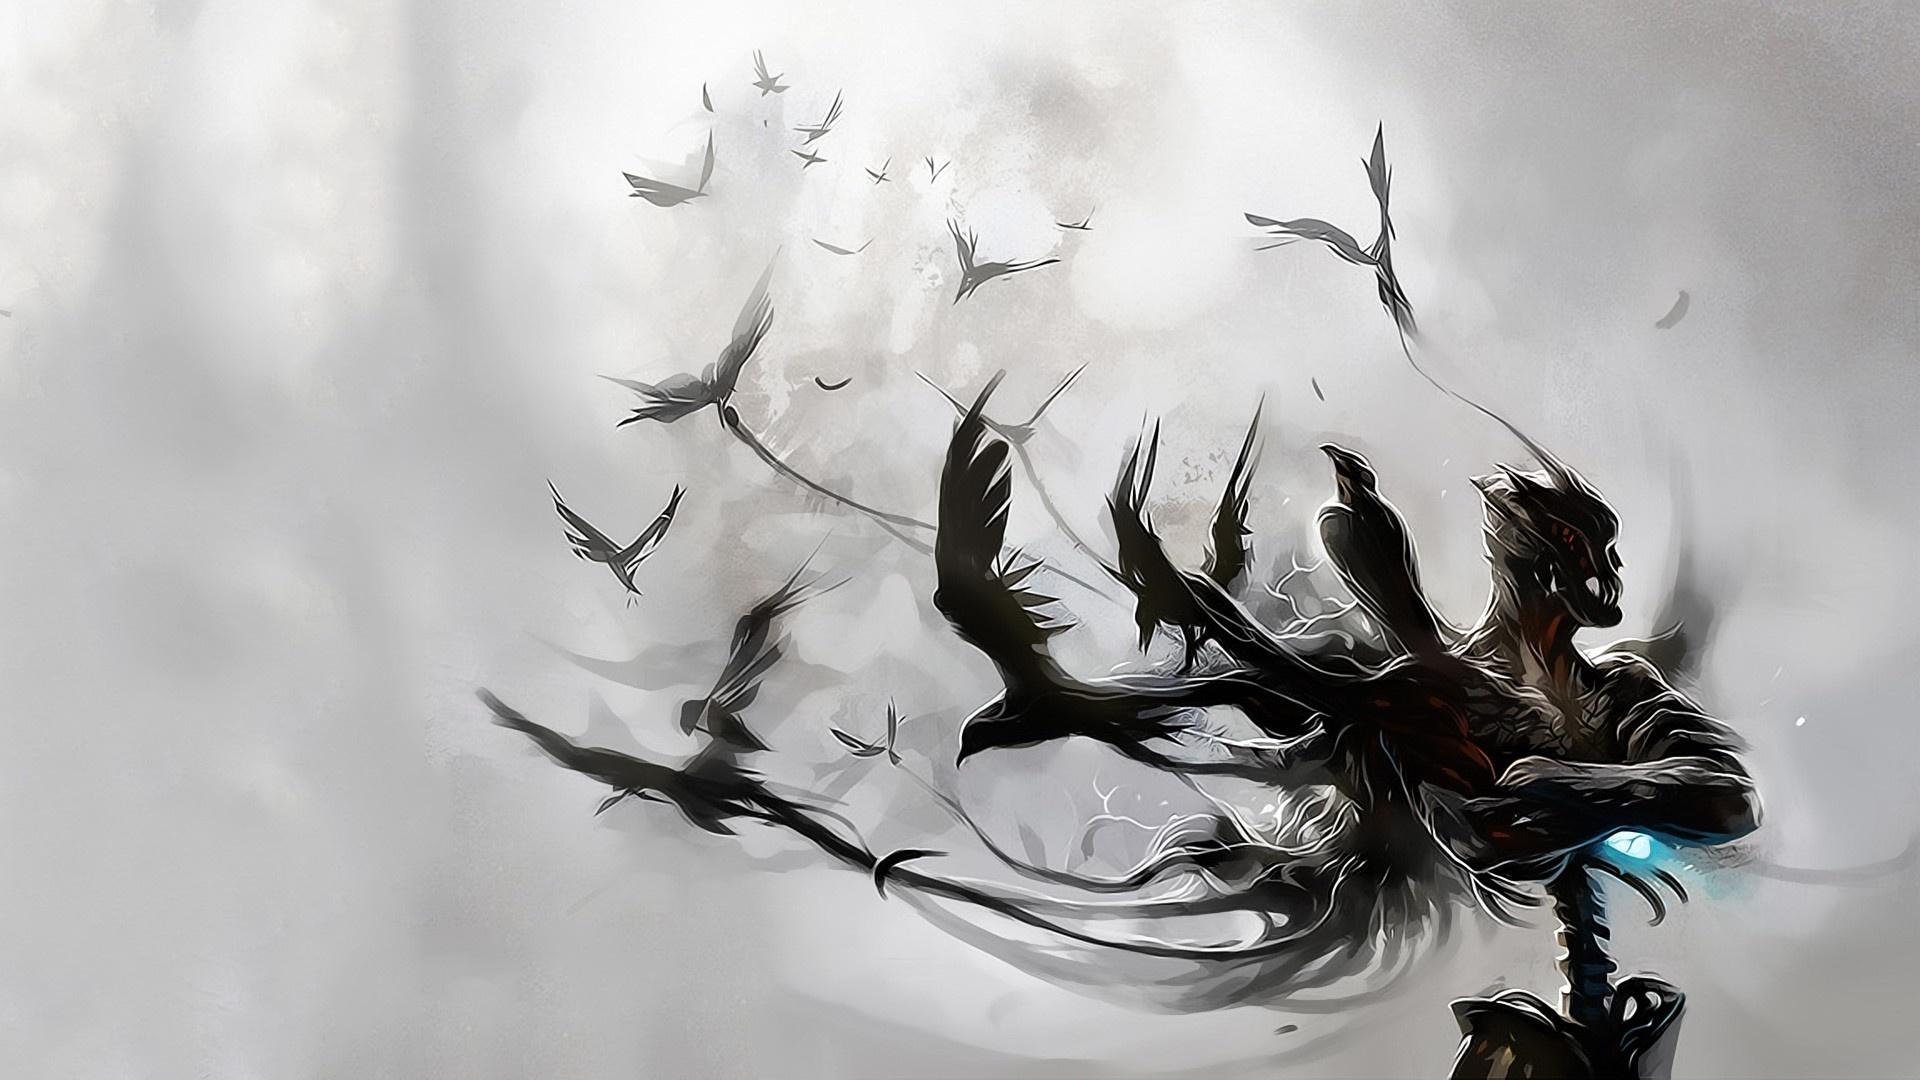 Raven Artwork Wallpaper For Android Wallpaper WallpaperLepi 1920x1080